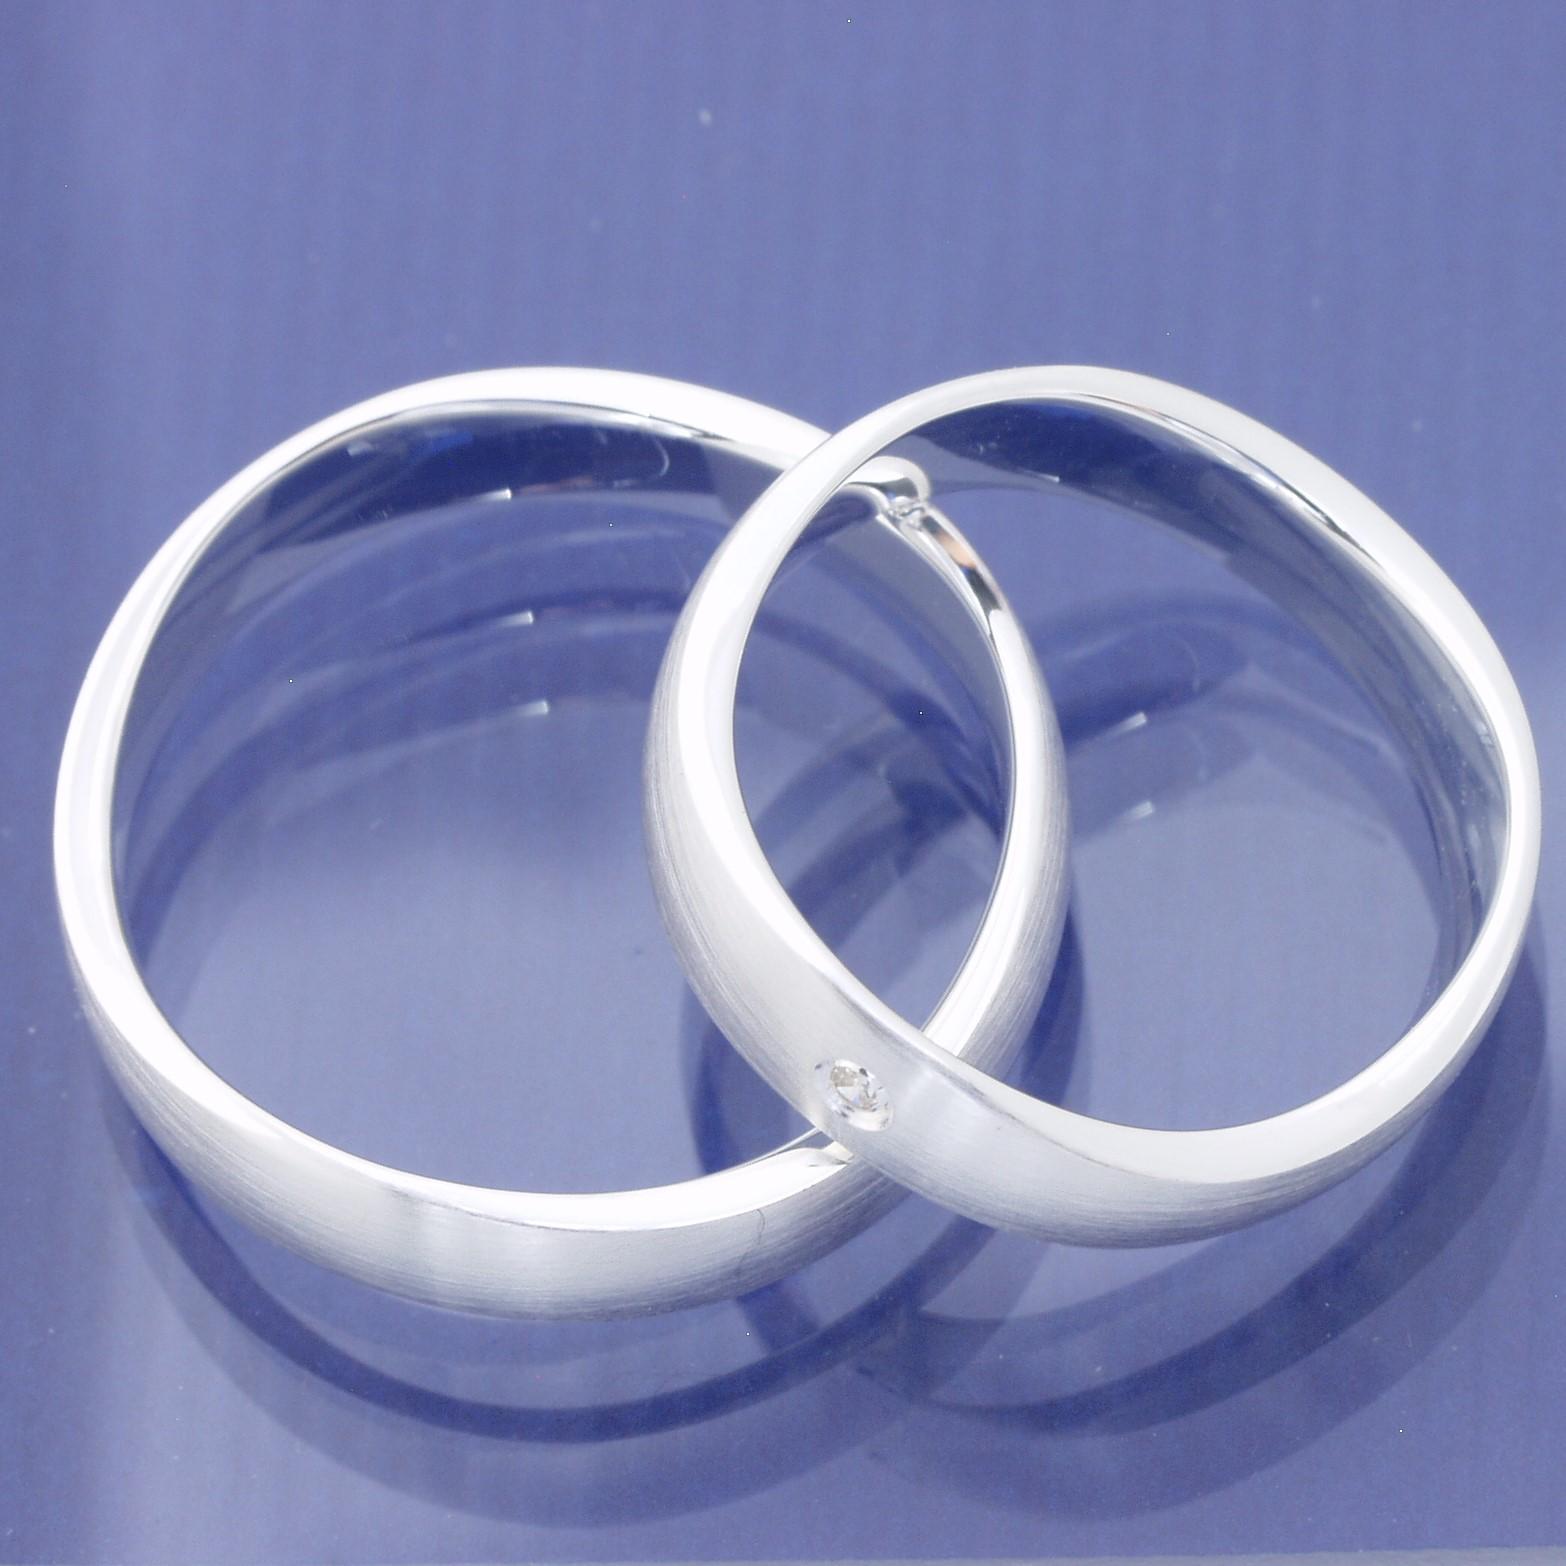 EheringeShop  Freundschaftsringe Verlobungsringe aus 925 Silber mit Zirkonia